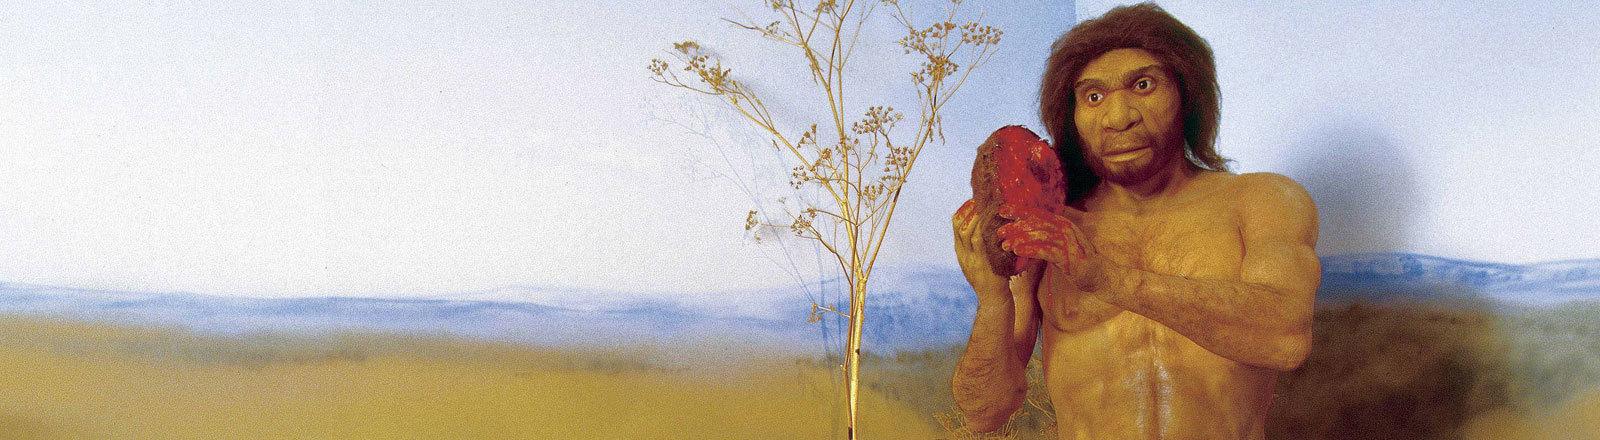 Darstellung einer Szene des Homo antecessor als Gemälde, vermutlich um 1900. Das Bild ist ausgestellt im Museo de Burgos, Castilla-Leon.